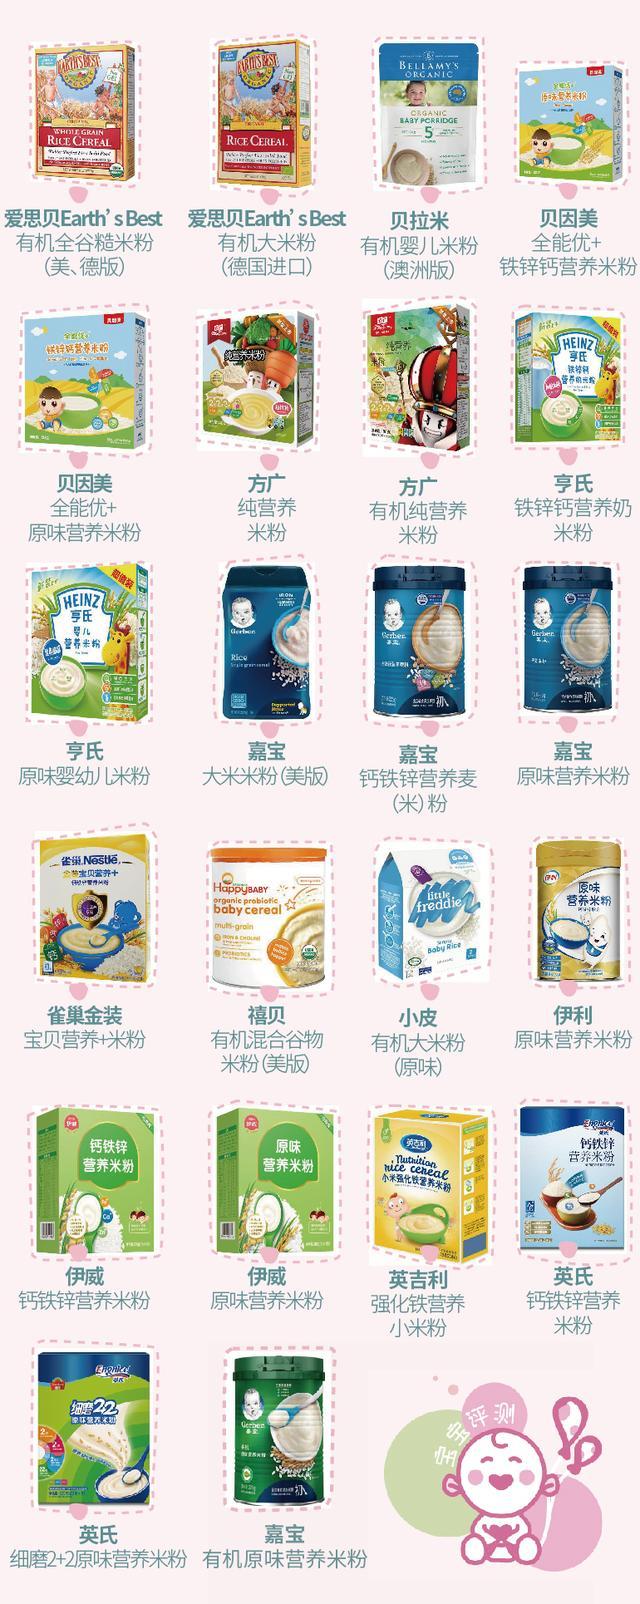 22款宝宝米粉评测(中):这10款添加了糖的米粉不建议购买!